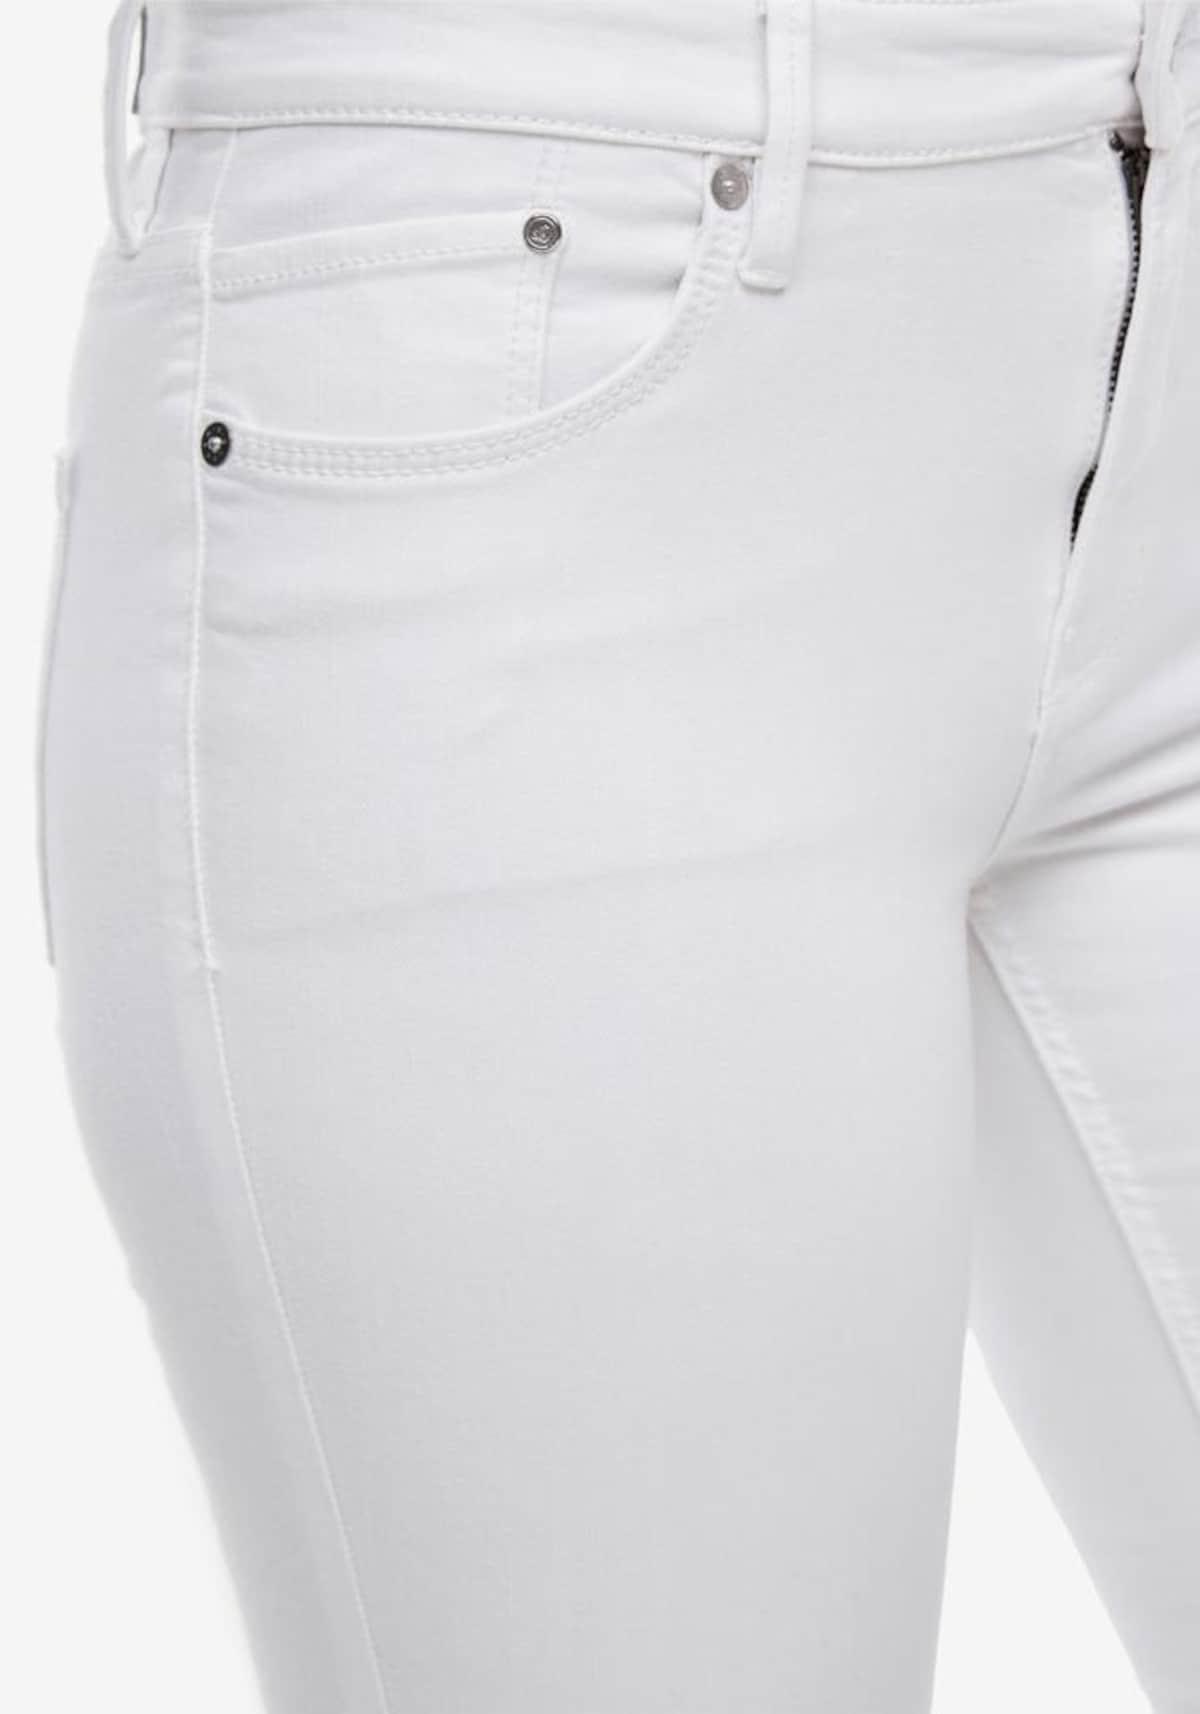 Beliebt Frauen Bekleidung s.Oliver Jeans in white denim Zum Verkauf